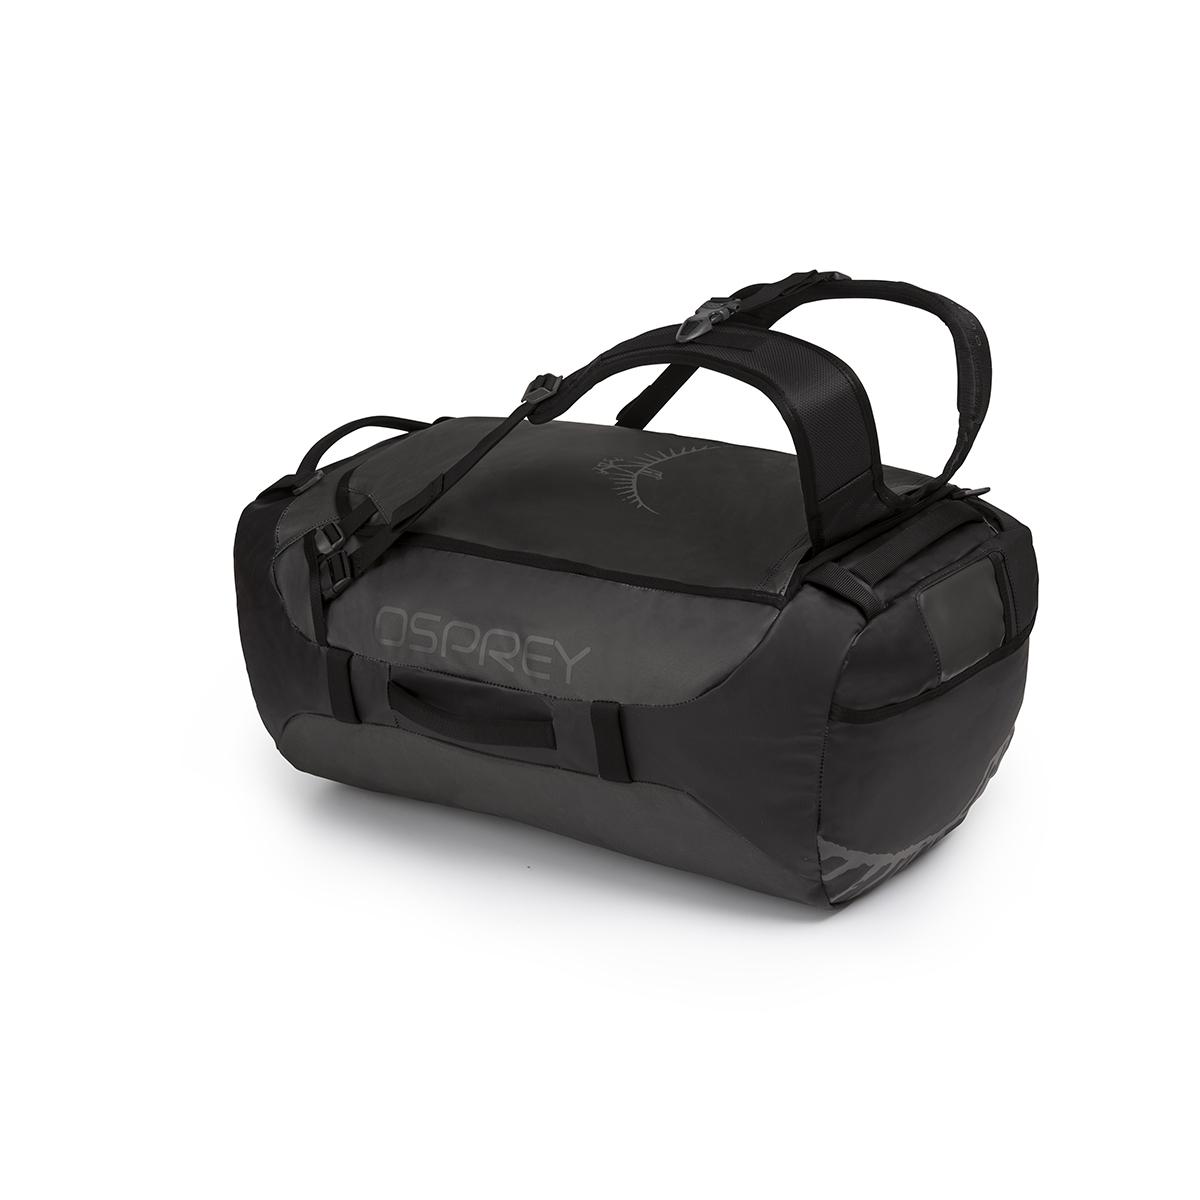 【ポイント10倍~9/29】オスプレー NEWトランスポーター65 ブラックOS55183 バックパックにもなるコーティングナイロン使用ダッフルバッグ